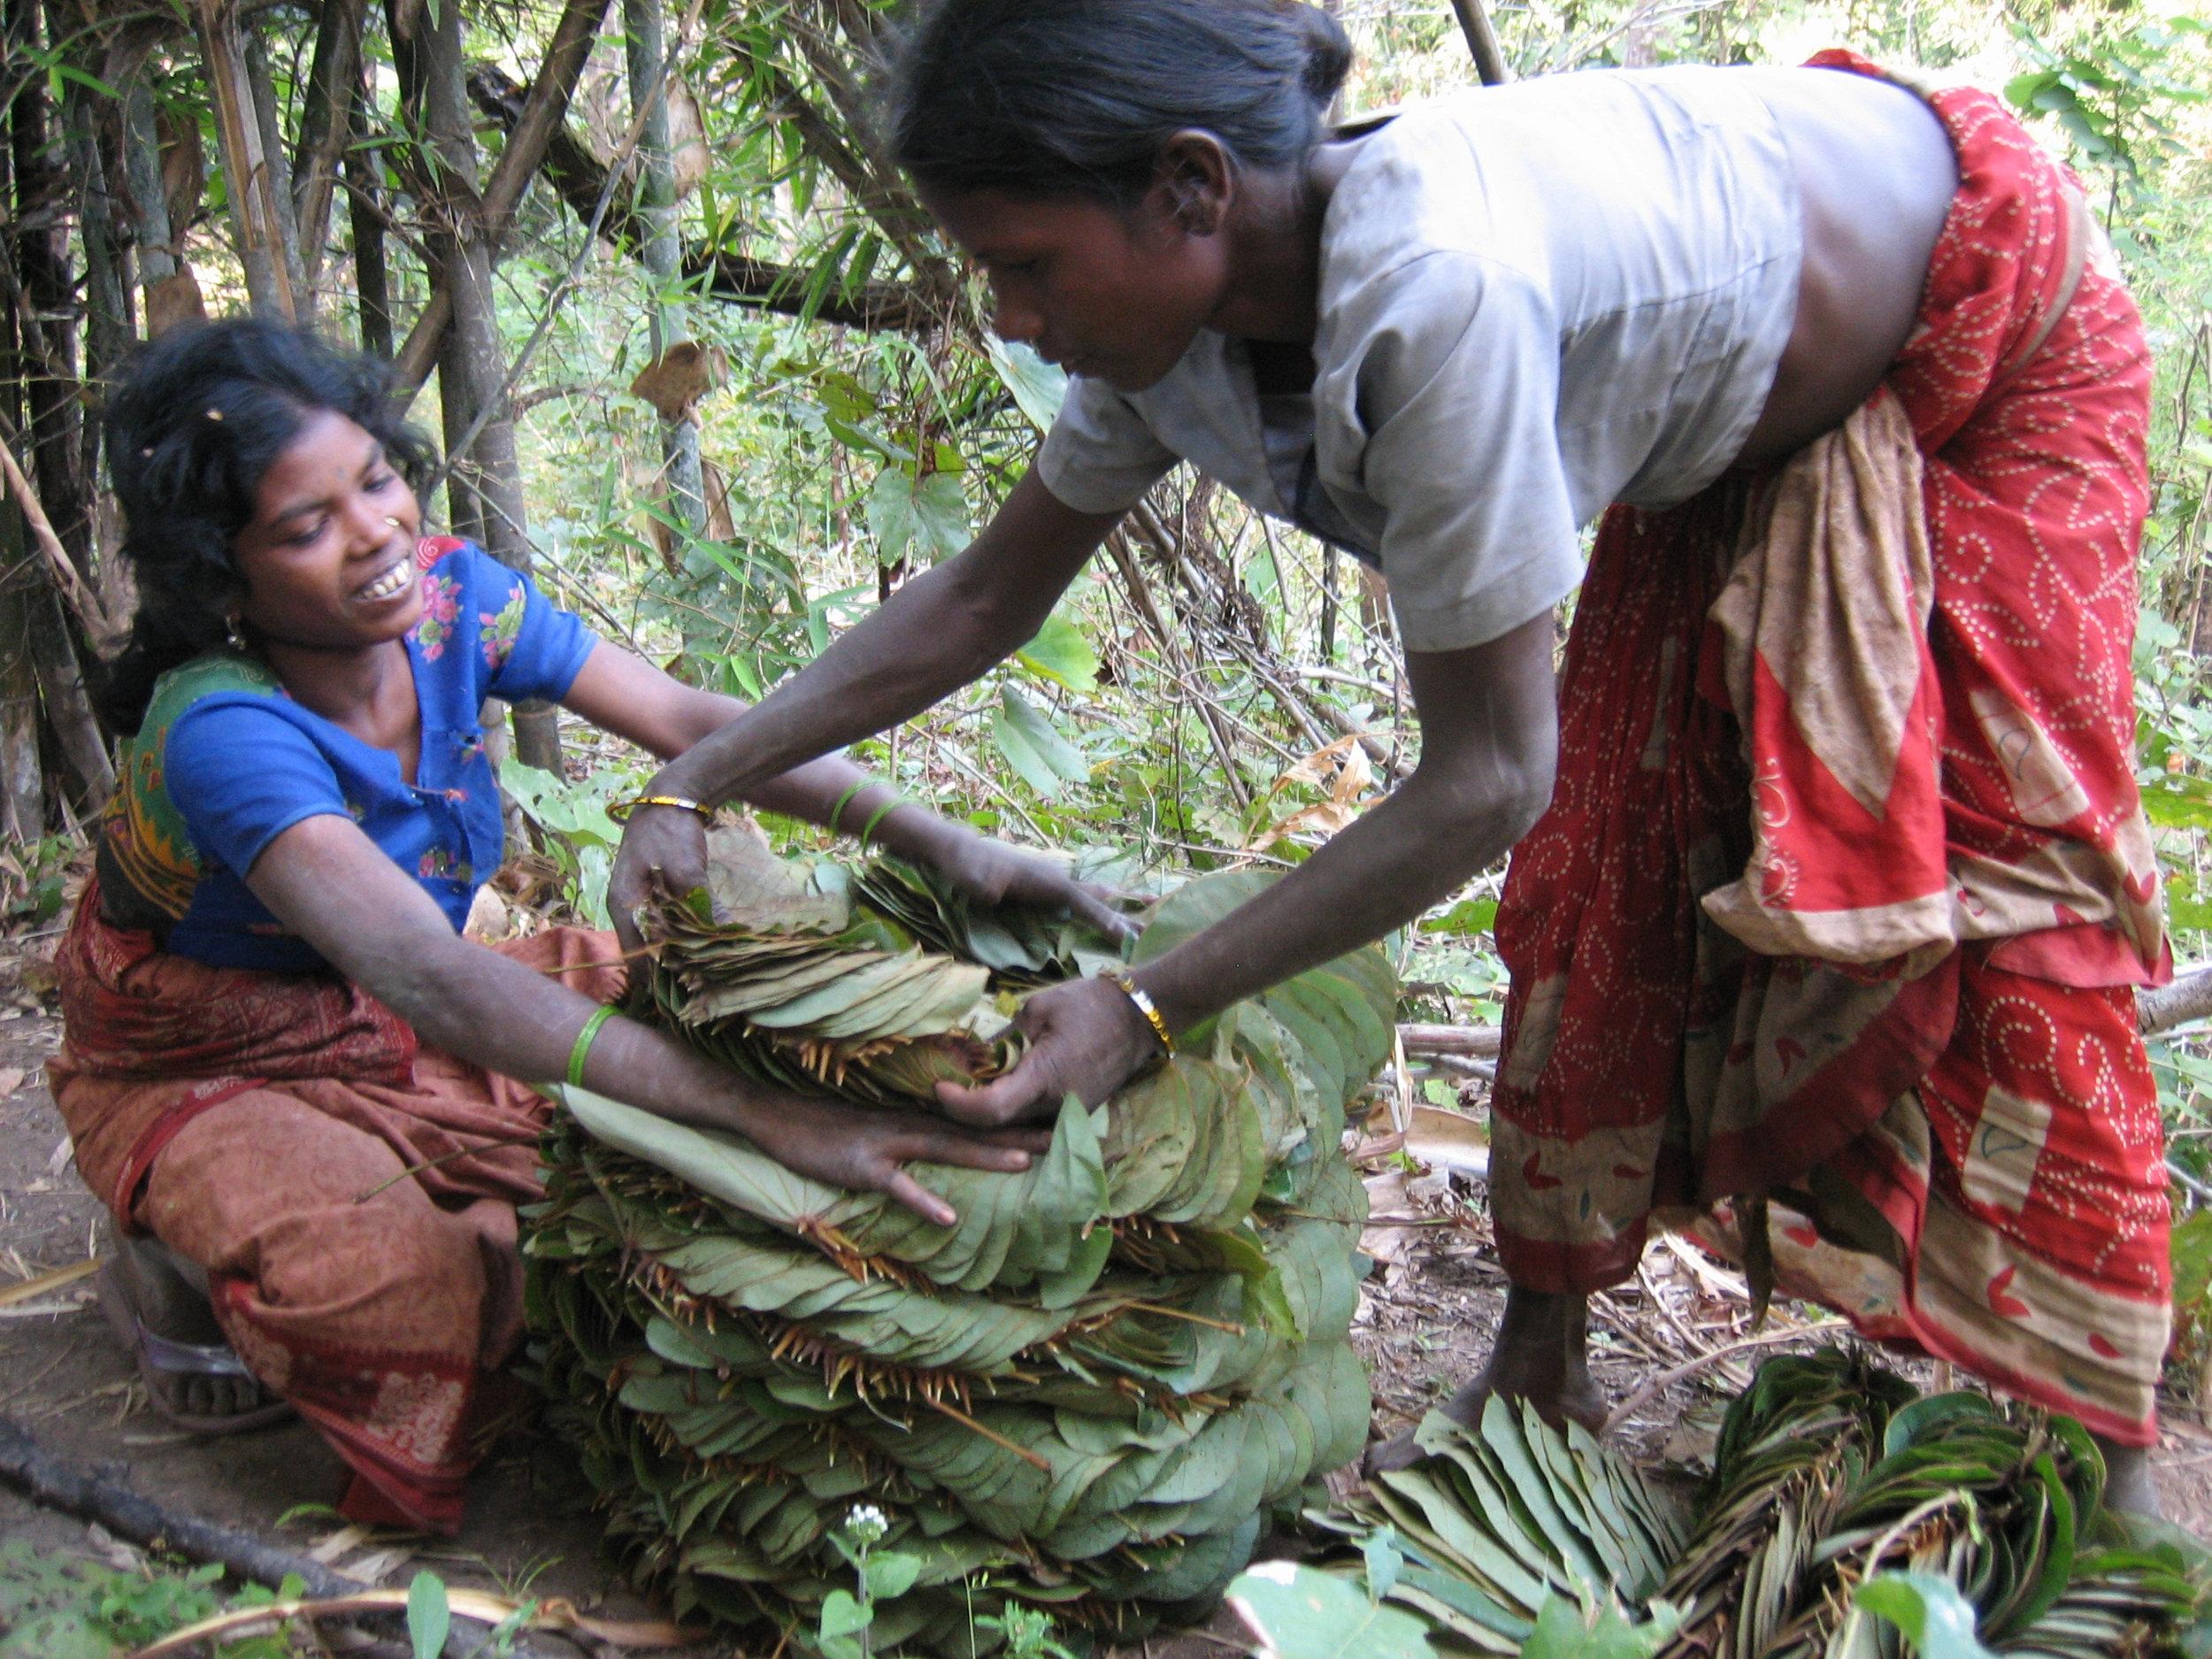 C13 Oraon Adivasi women picking mohallan leaves.jpg